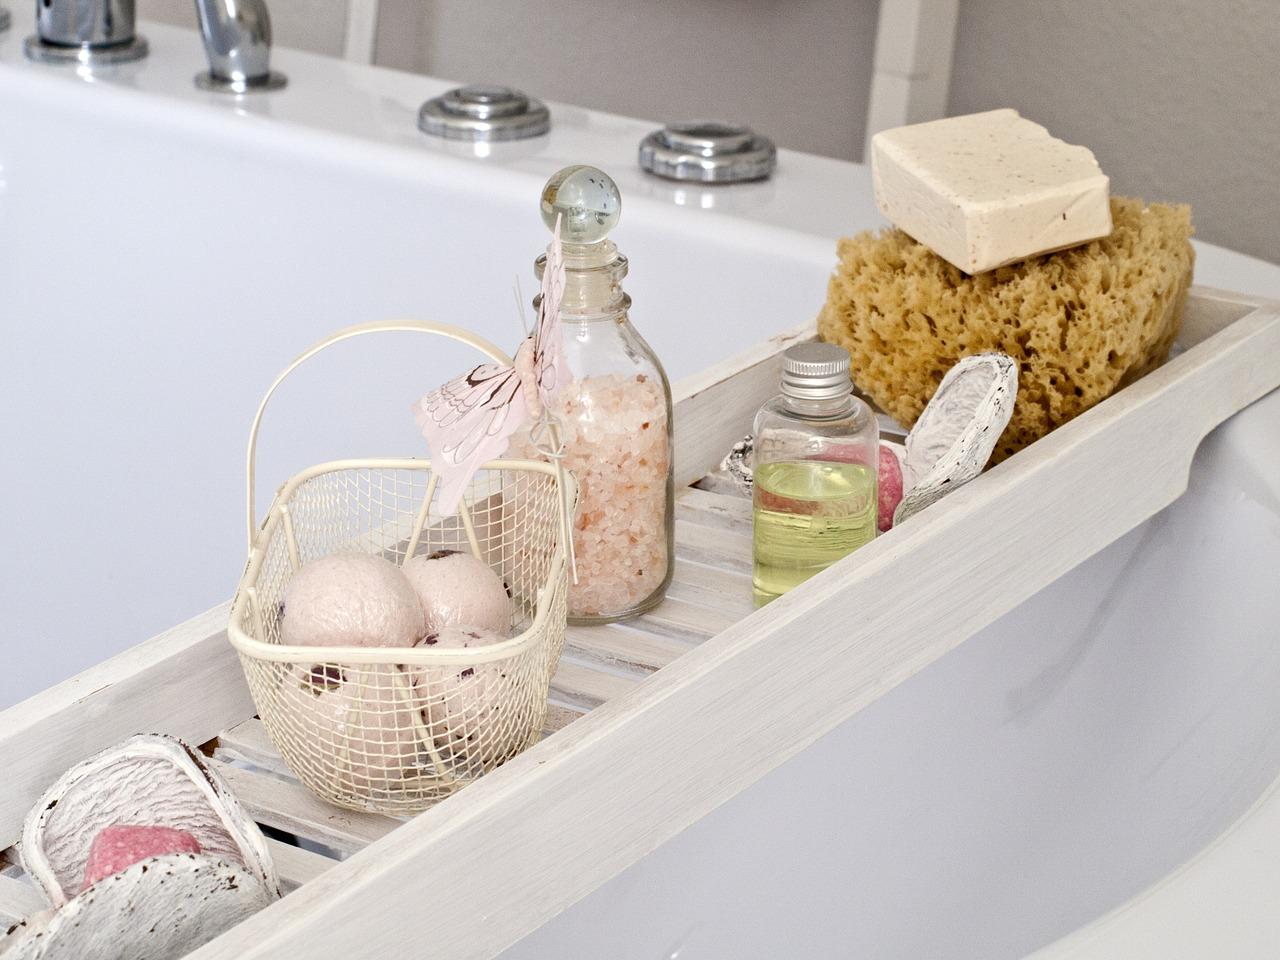 Kule do kąpieli: poznajmy je bliżej